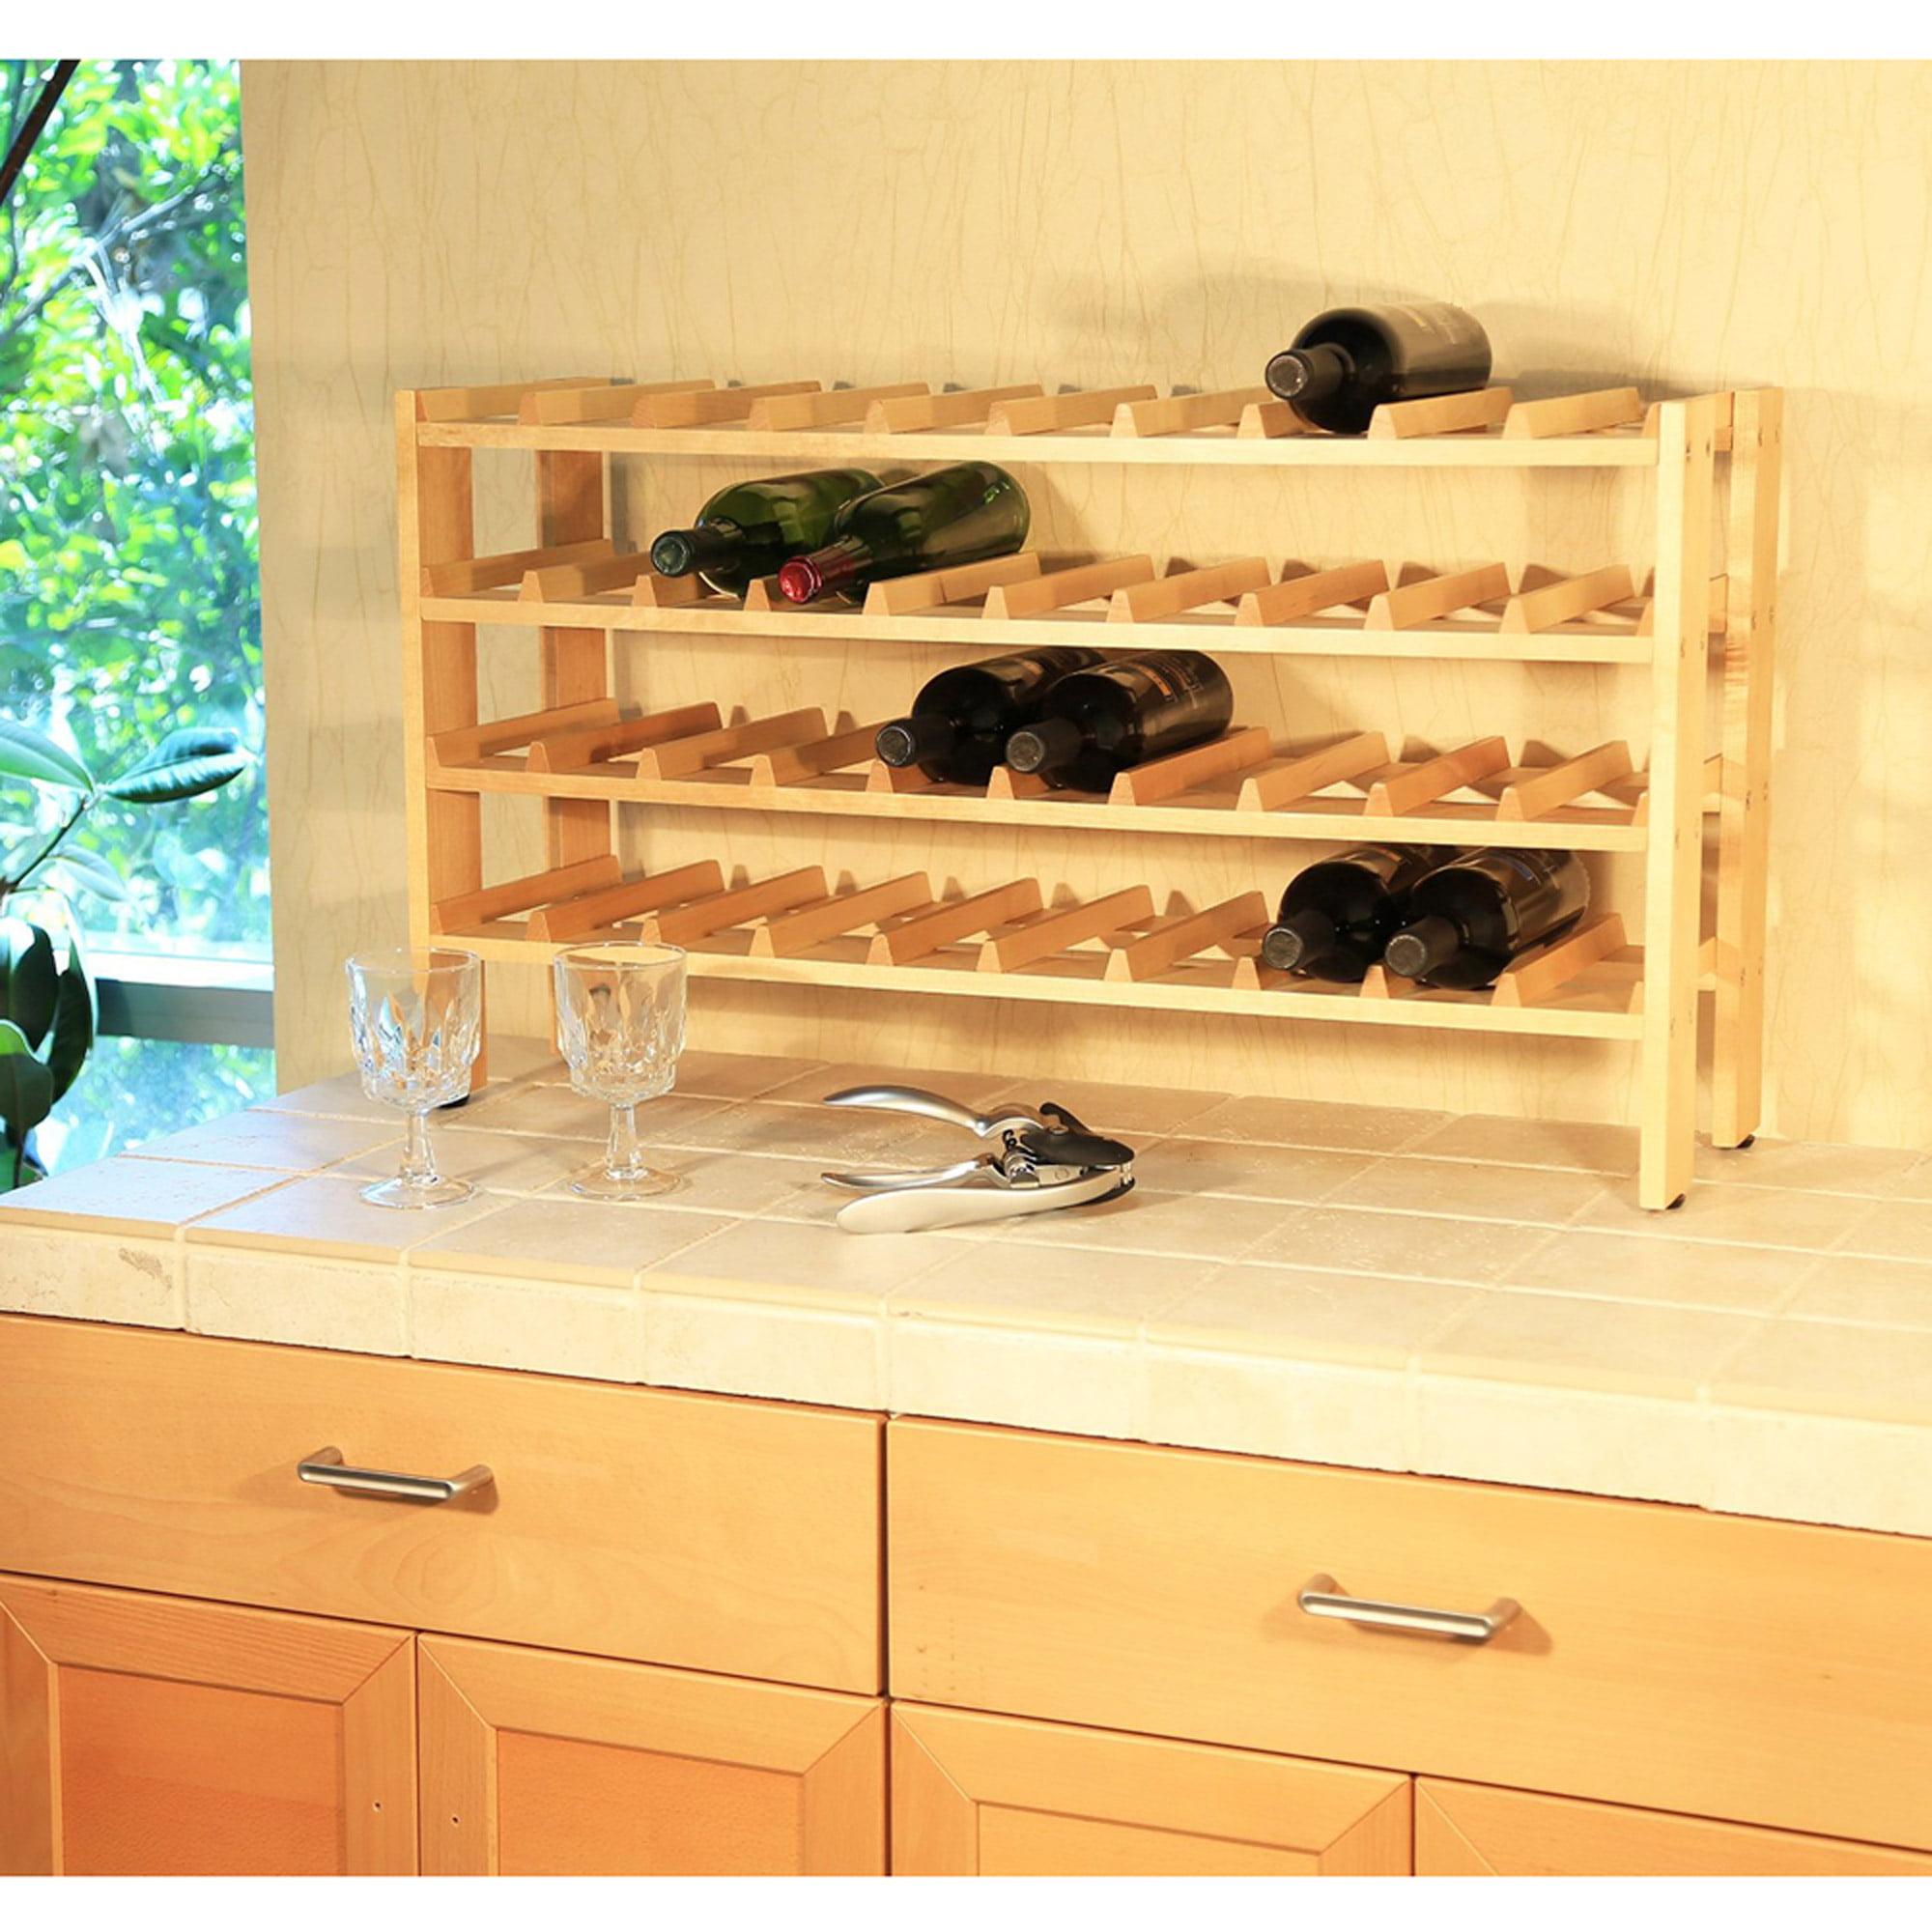 Seville Classics 40-Bottle Birchwood Wine Rack, FRN04714 - Walmart.com